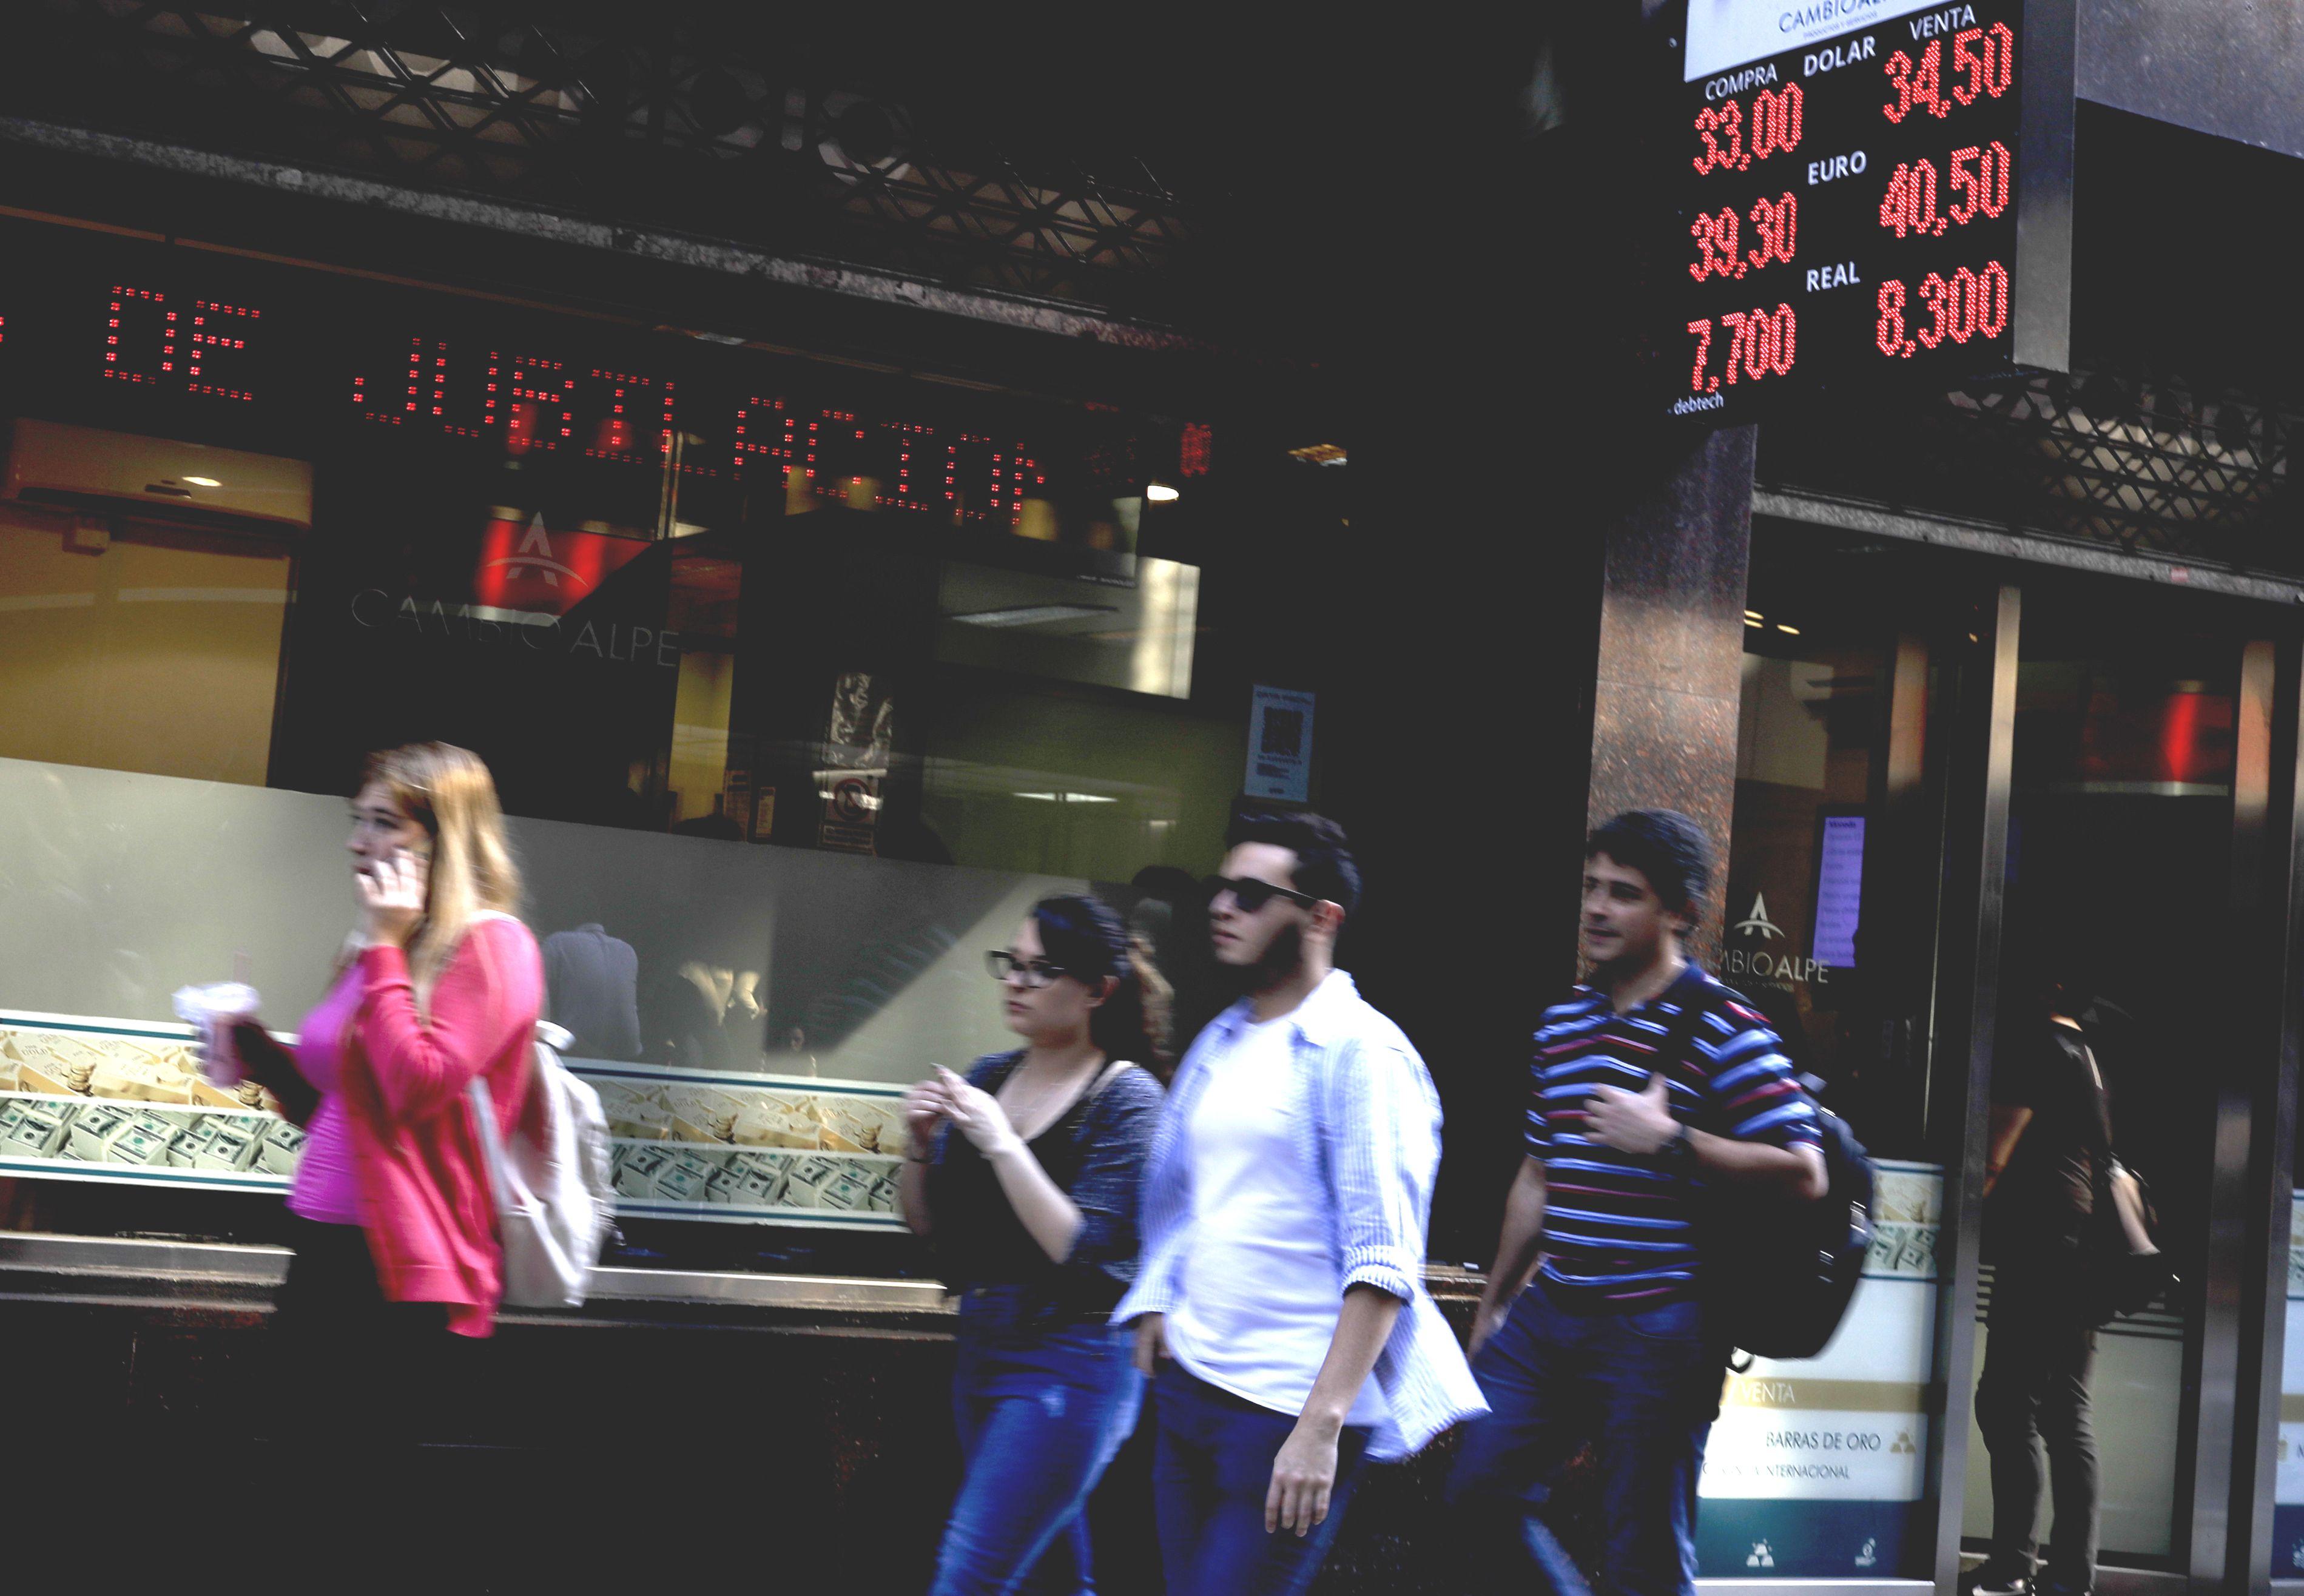 阿根廷經濟危機惡化,政府於周三突然要求國際貨幣基金會提早發放500億美元應急貸款。AP圖片